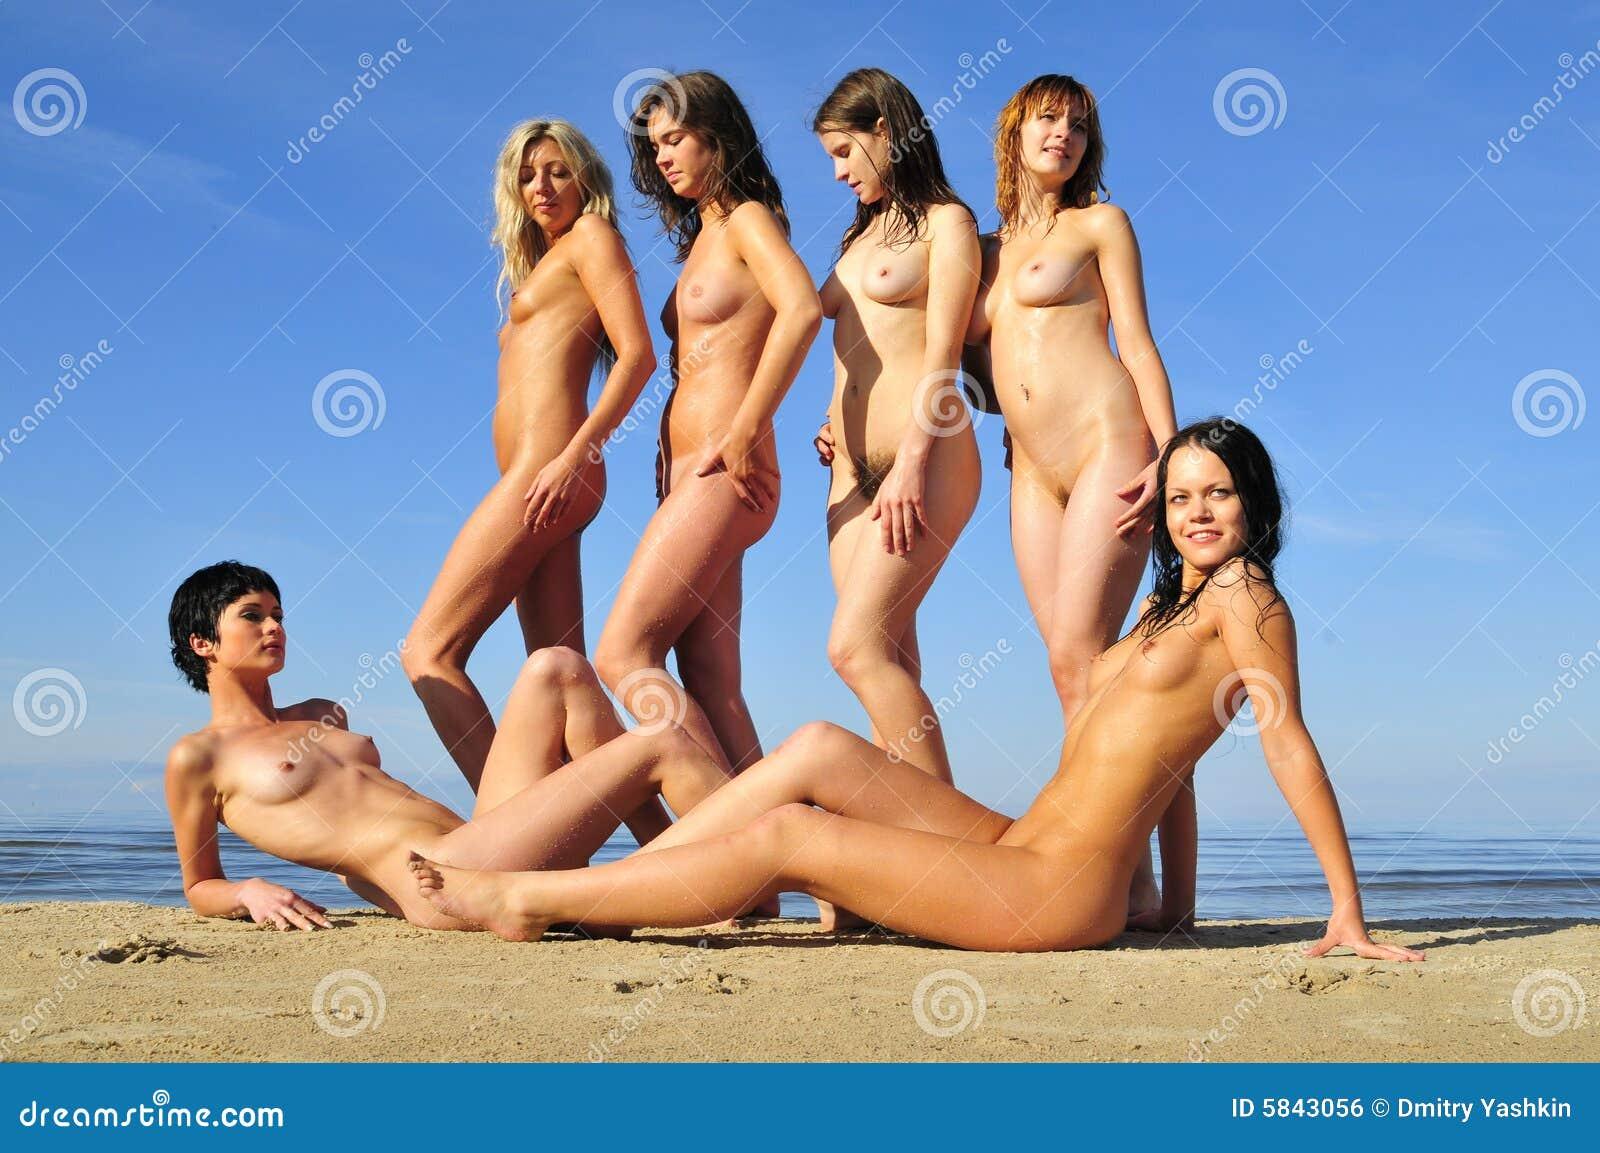 Nudist Log